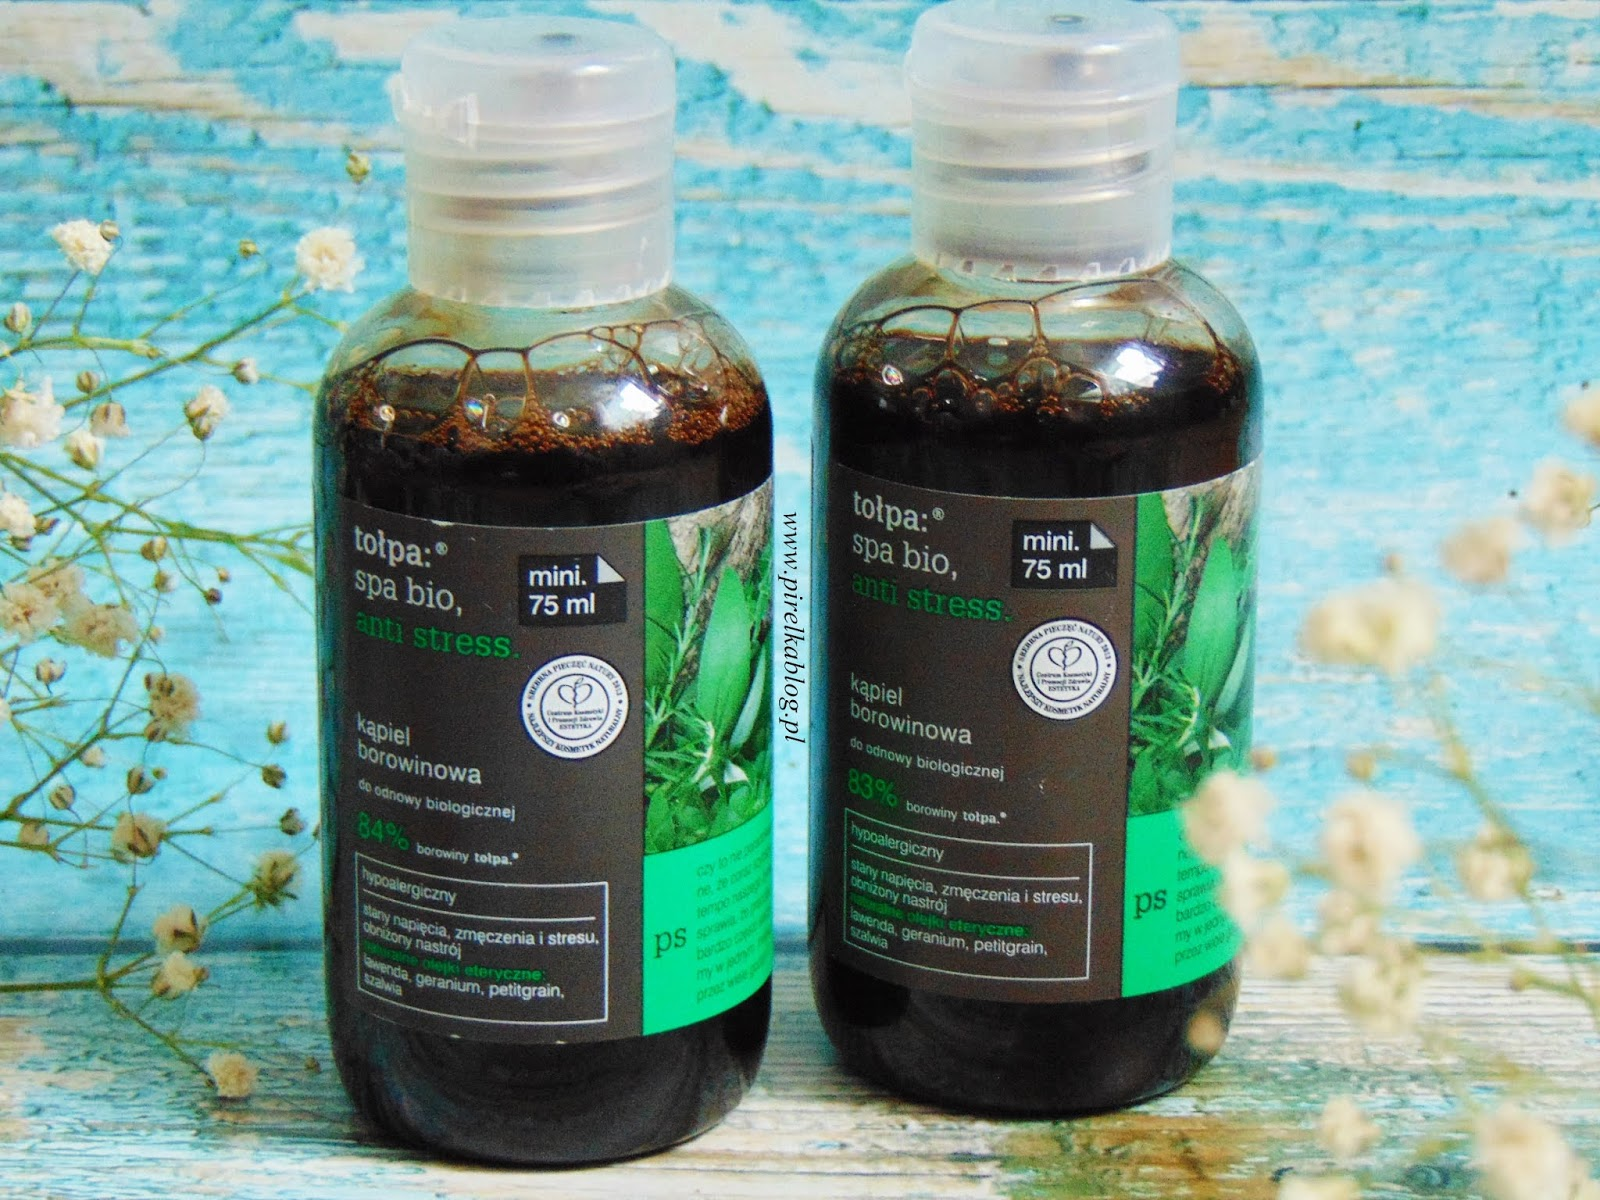 Kąpiel borowinowa do odnowy biologicznej - tołpa spa bio, anti stress